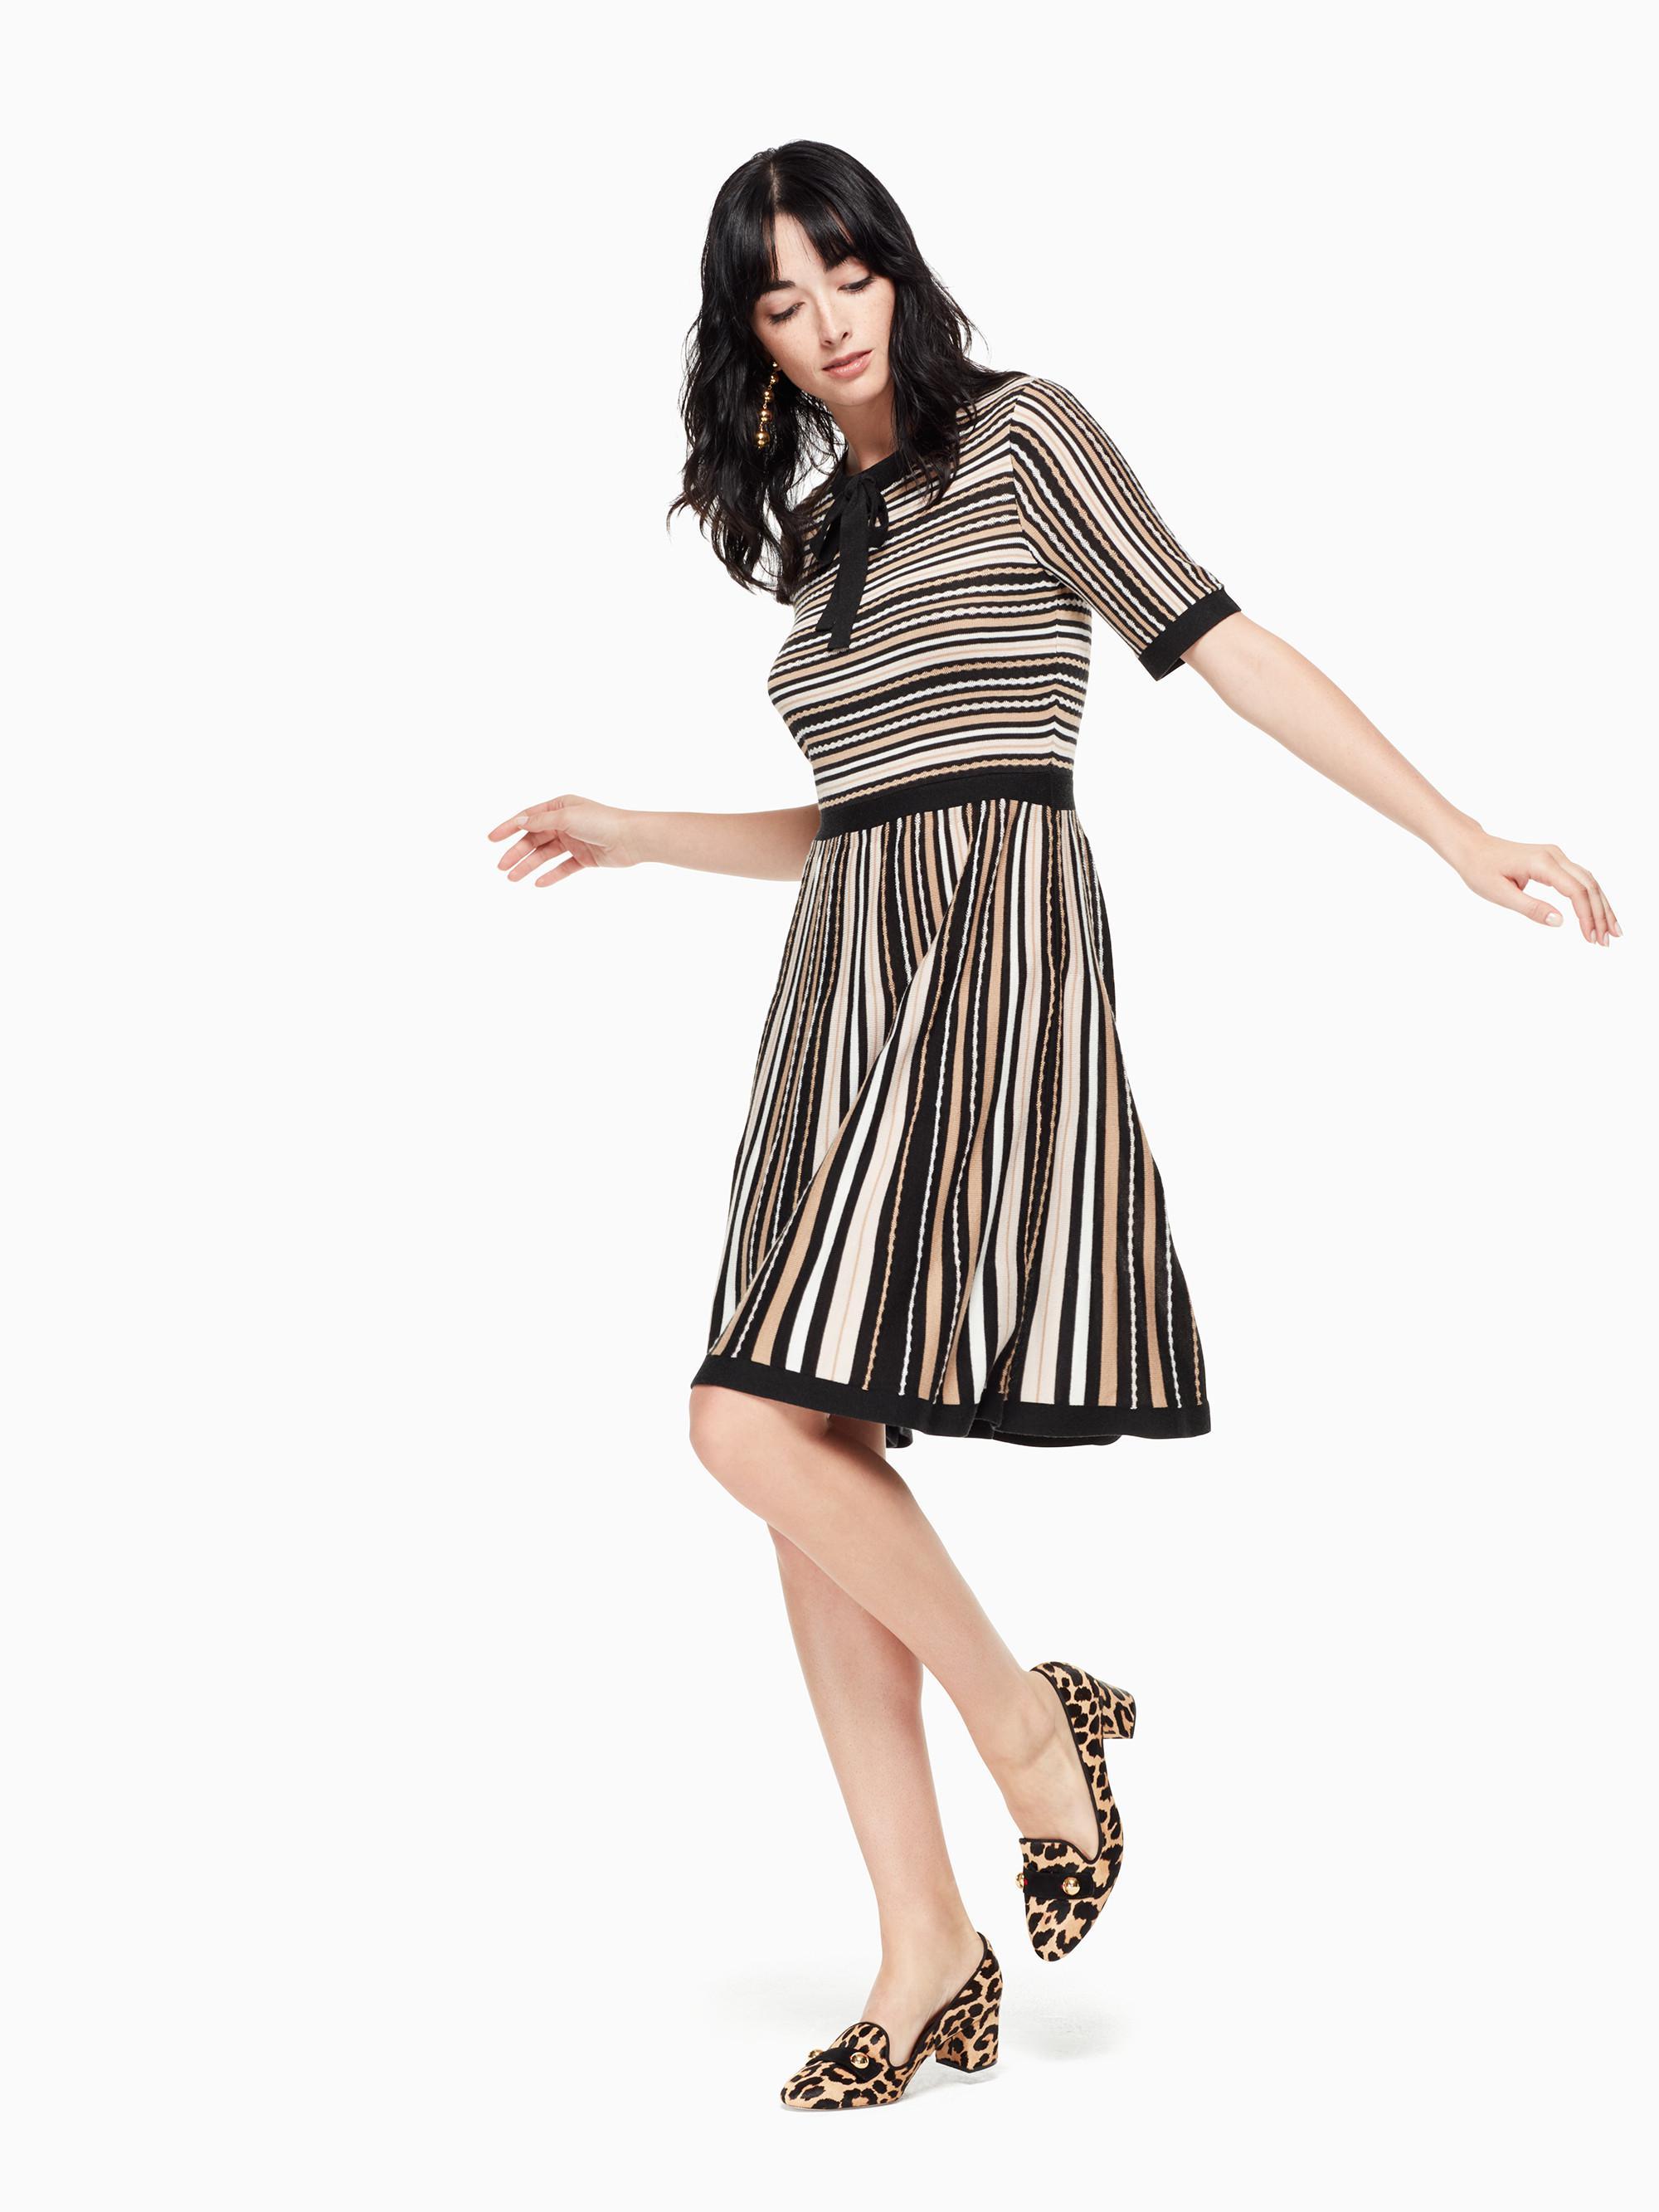 fd990e9afbac Lyst - Kate Spade Multi Stripe Sweater Dress in Black